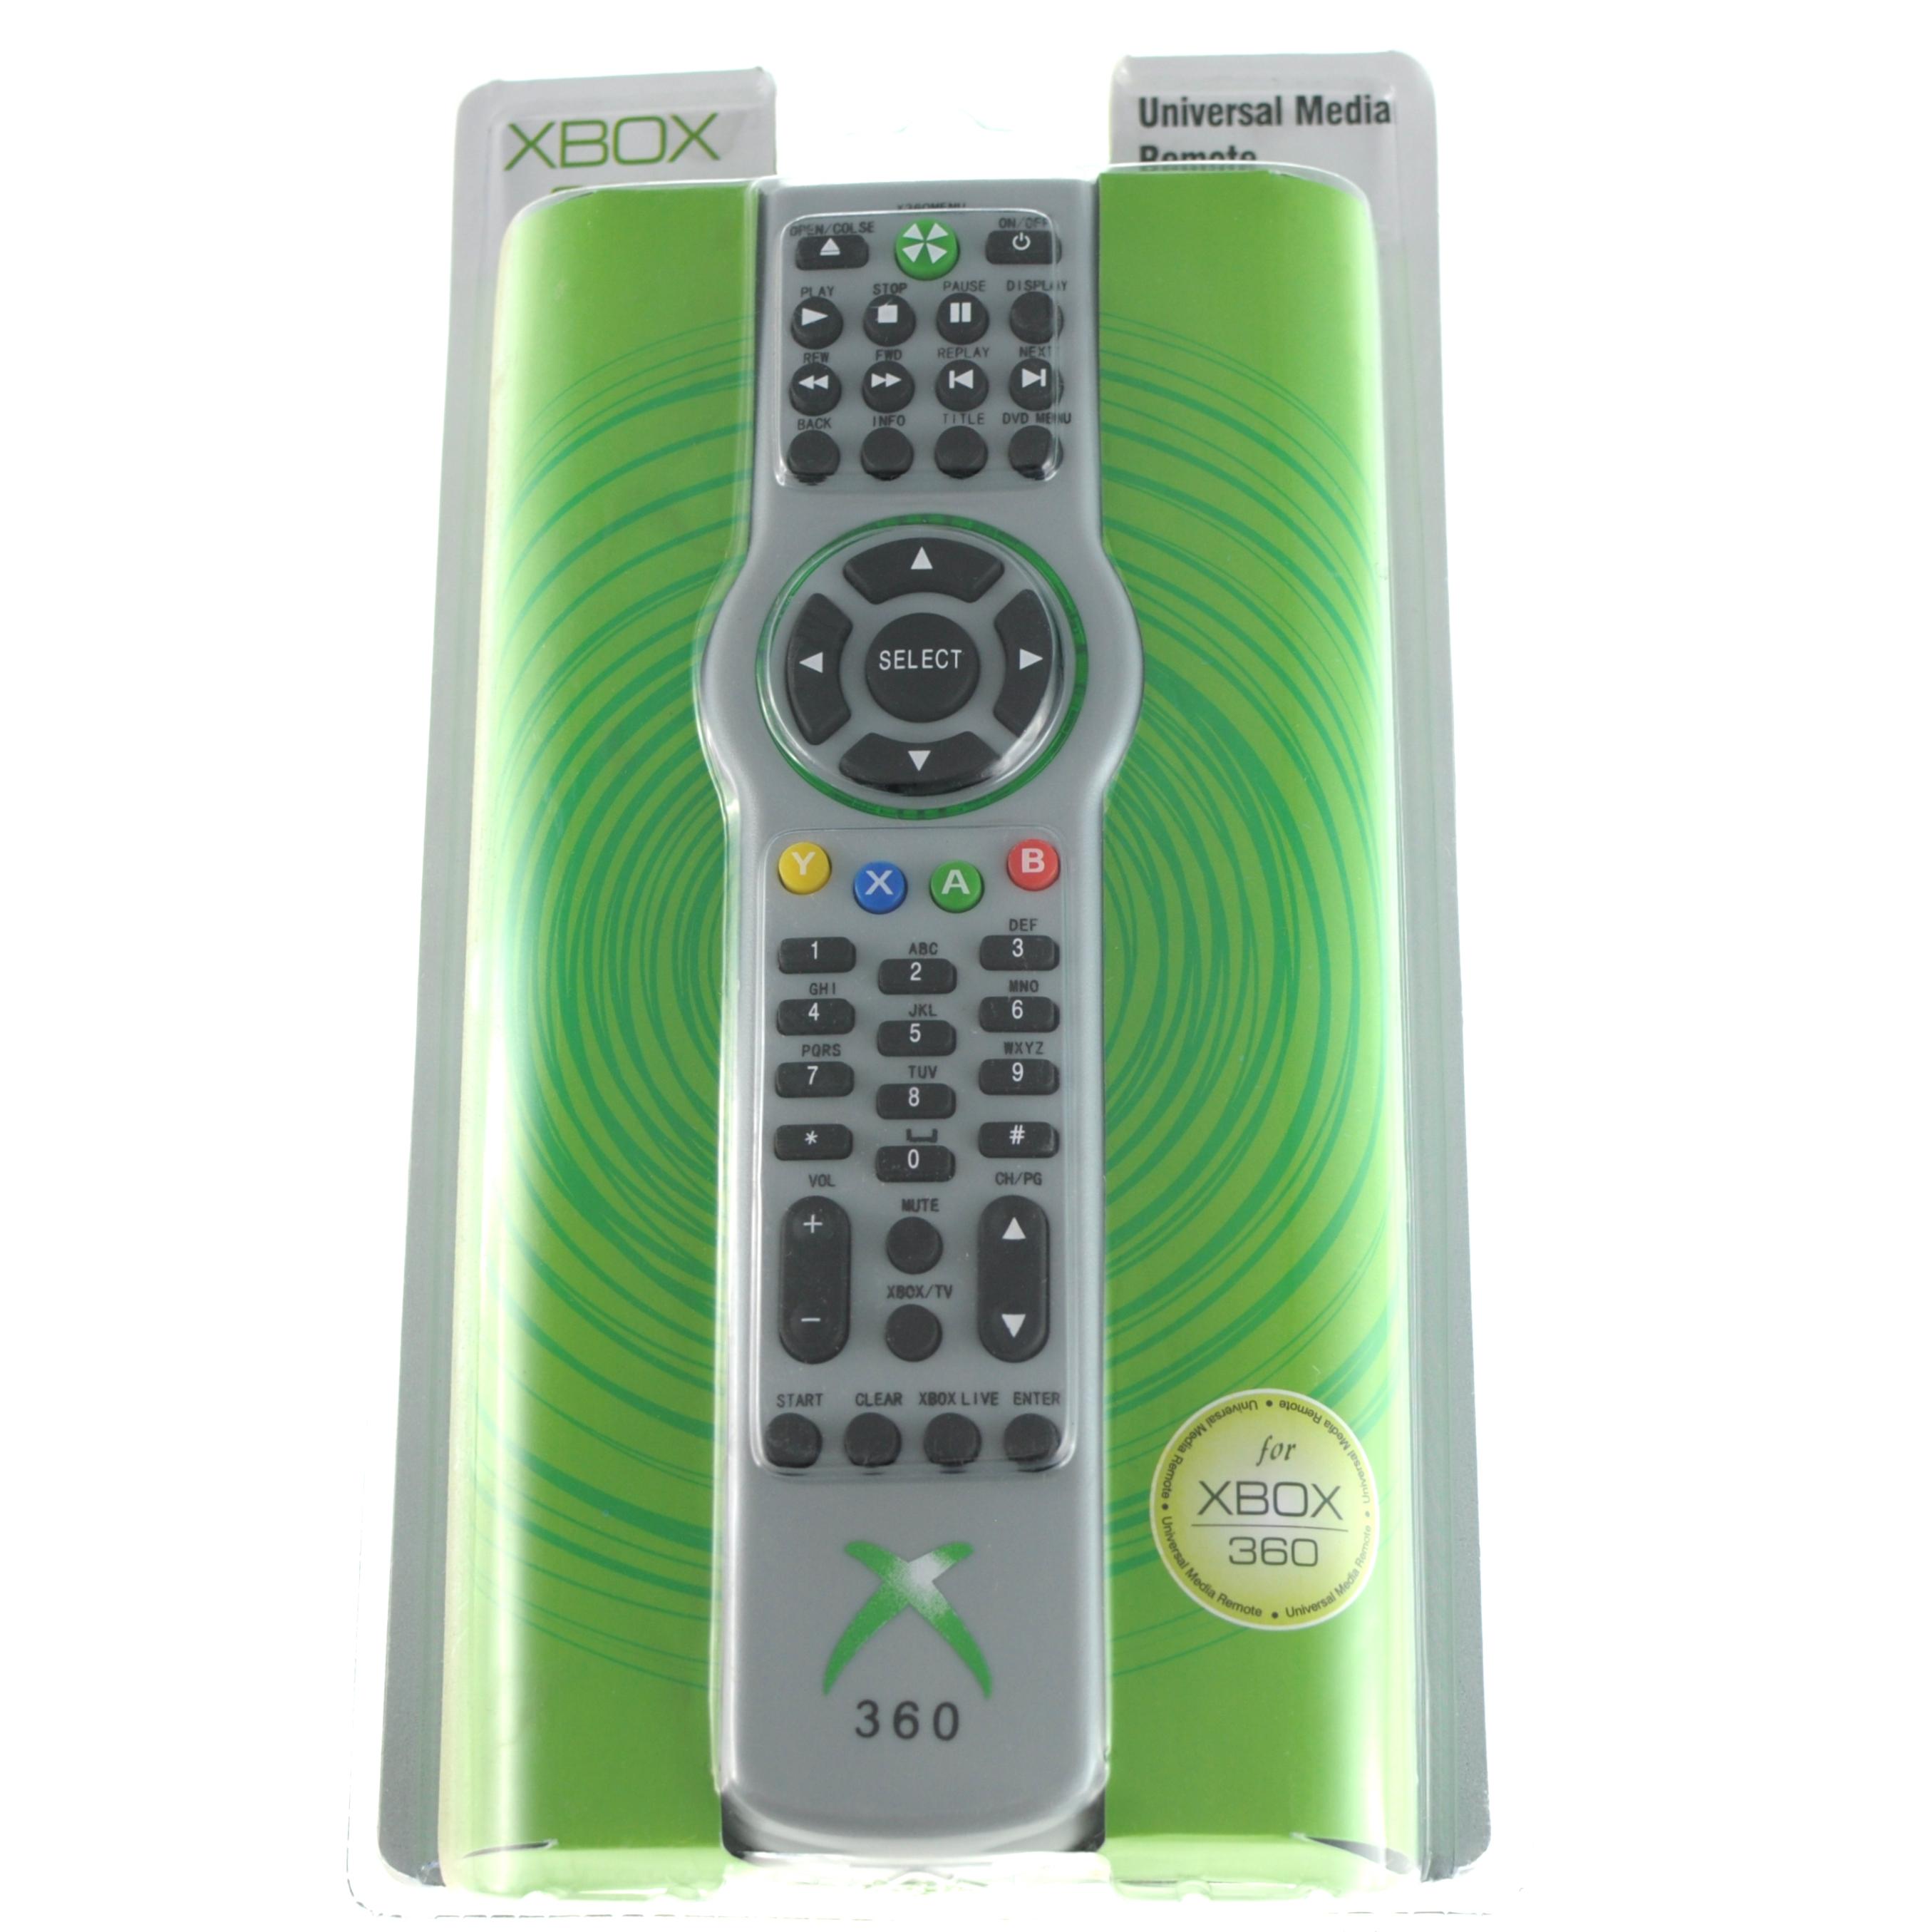 Mando Multimedia Universal XBOX 360 - El Mando multimedia universal Xbox 360 ha sido diseñado como centro de control integrado para la experiencia de utilizar Xbox 360. Entra en una nueva dimensión del entretenimiento digital con solo pulsar un botón.Reproduce películas en DVD y música, y controla tu televisor y tu PC Media Center con un único mando.